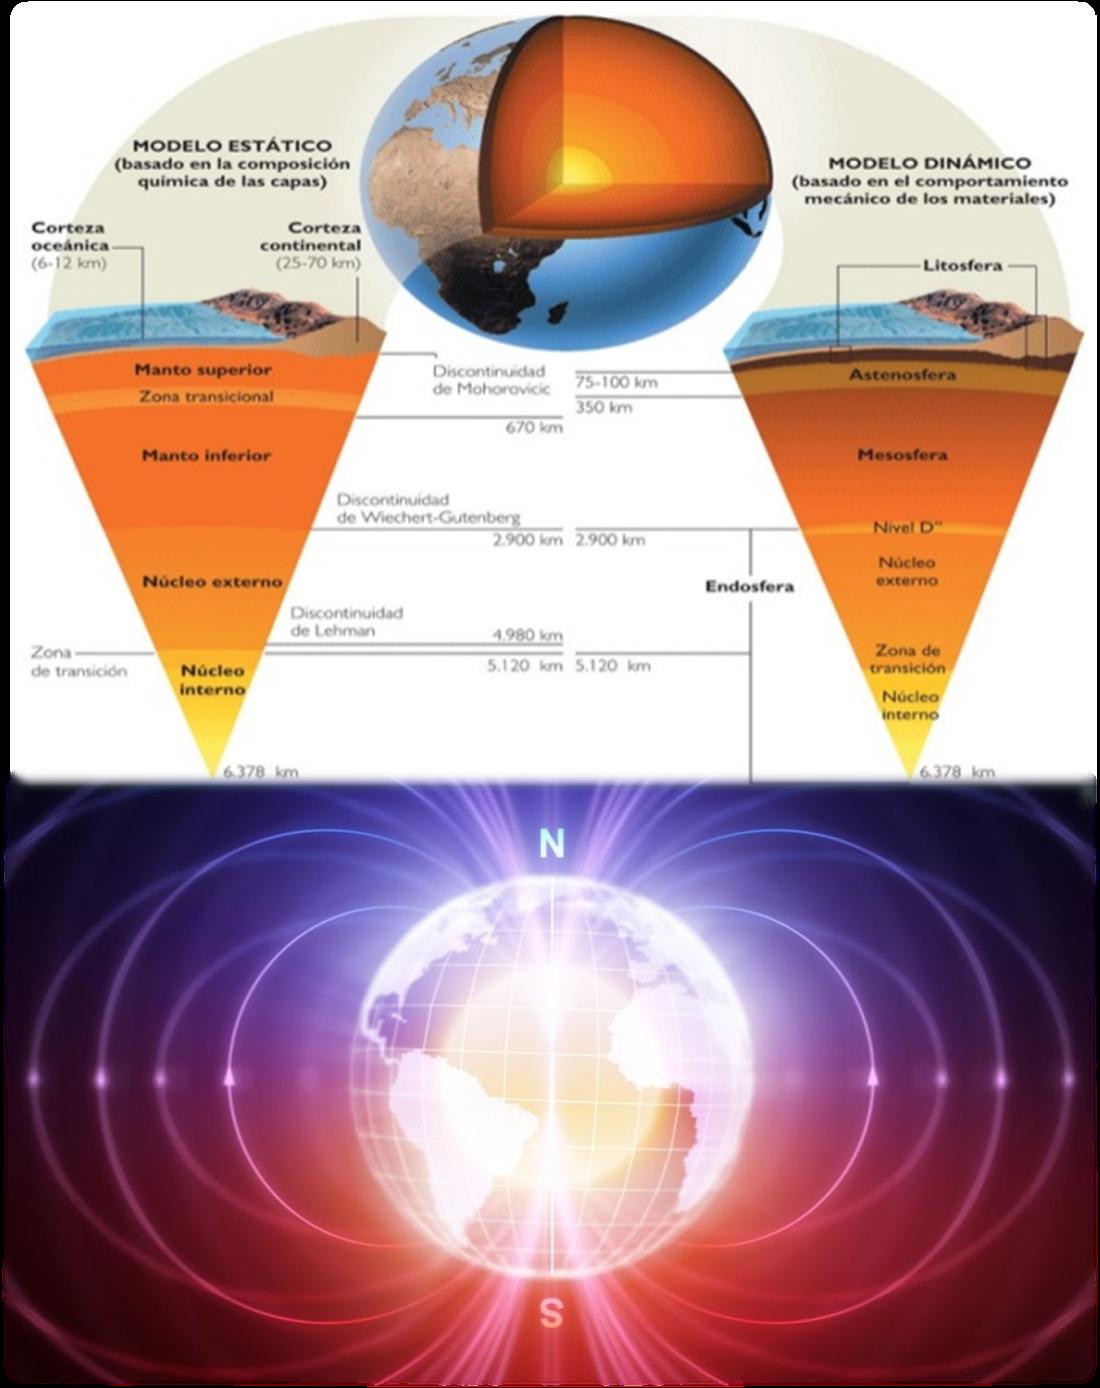 Terraplanismo-Sociedad-Tierra-Plana-Conspiraciones-Fraudes-Fakes-Pseudociencia-Ciencia-Astronomia-Sol-Luna-Geoestacionario-Rotacion-Sistema-Solar-Supernova-corteza-manto-nucleo-campo-magnetico-magnetosfera-geologia